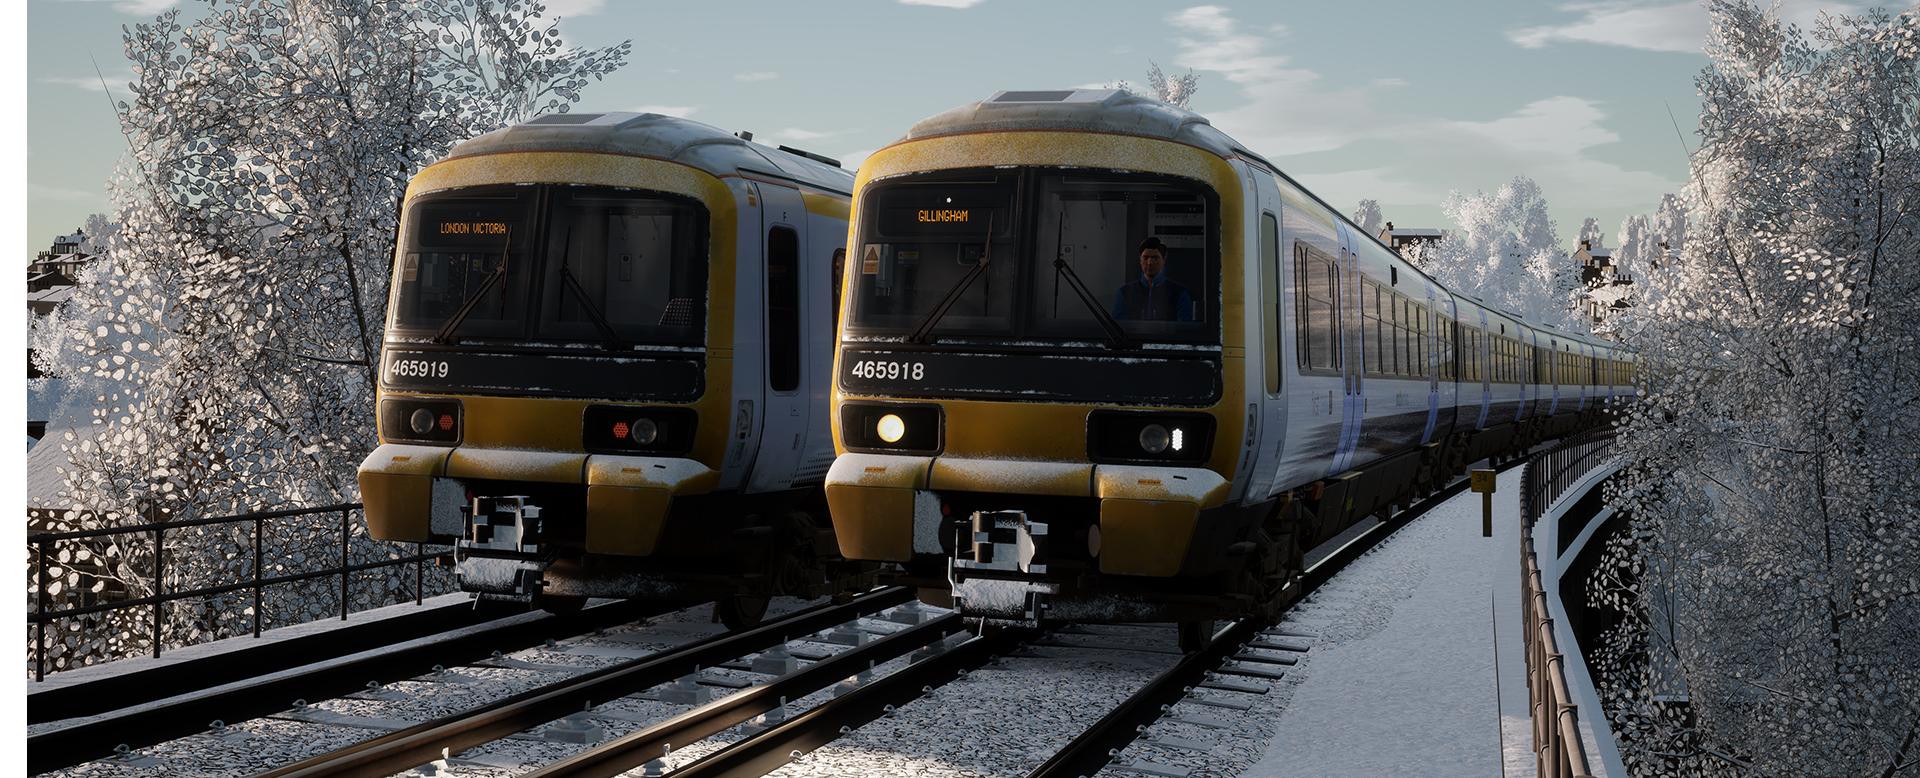 Southeastern BR Class 465 EMU